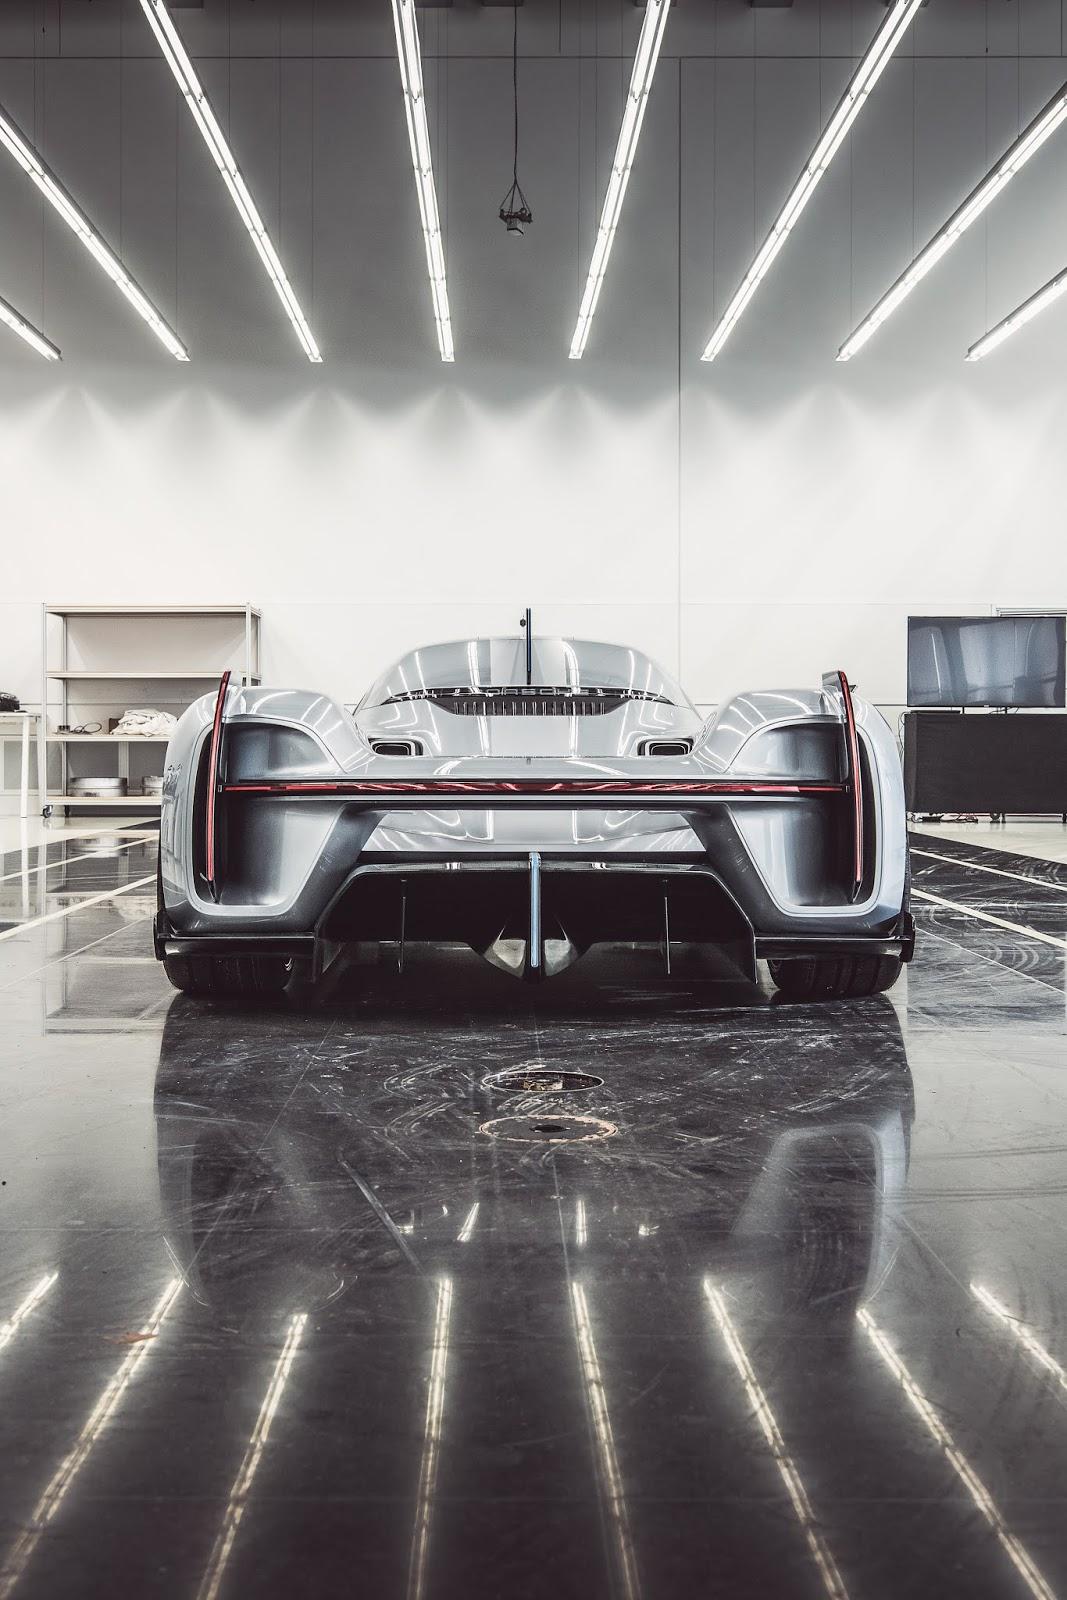 CUR7496 Τα άγνωστα Hypercars της Porsche hypercar, Porsche, Porsche Unseen, Sunday, supercar, supercars, zblog, ειδήσεις